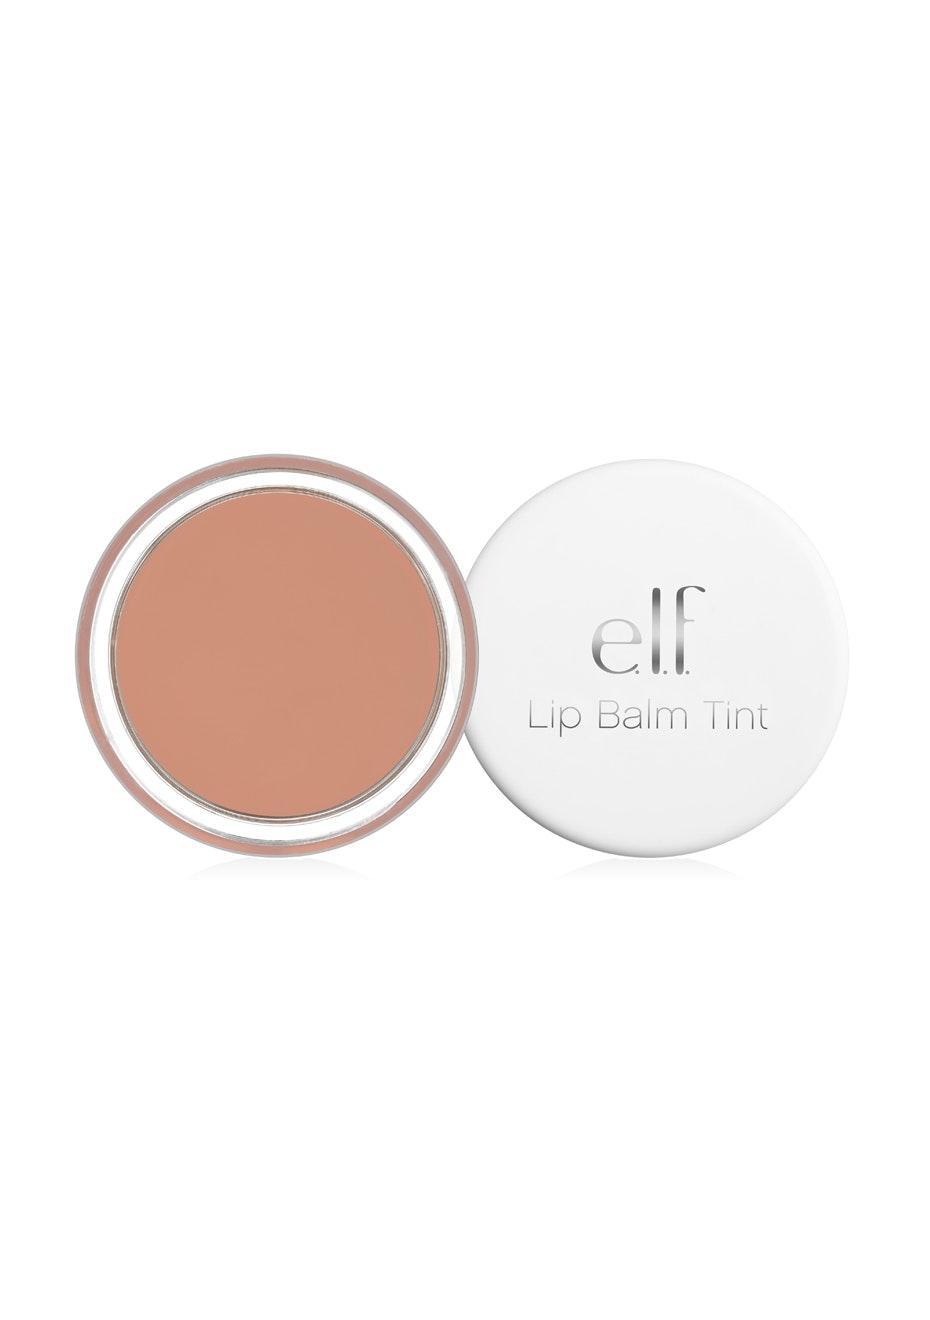 e.l.f Essen Lip Balm Tint Nude 22131